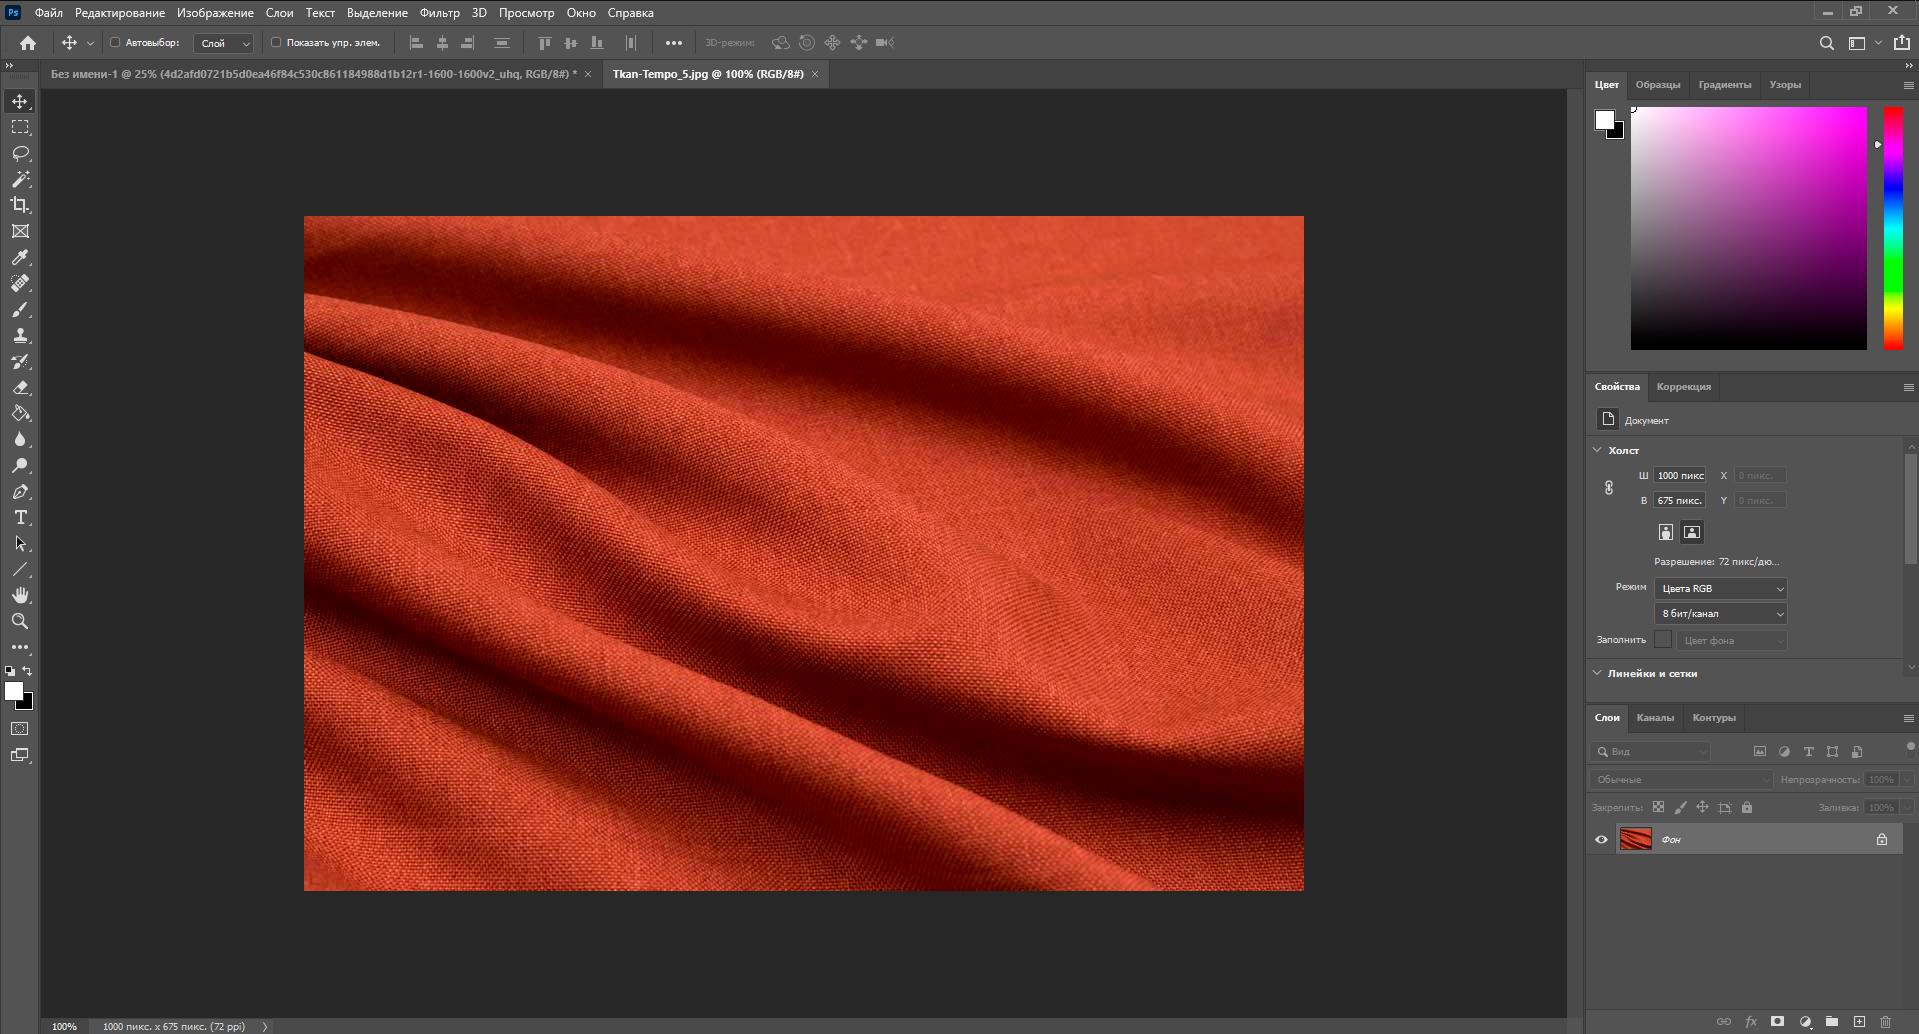 Ткань Фотошоп